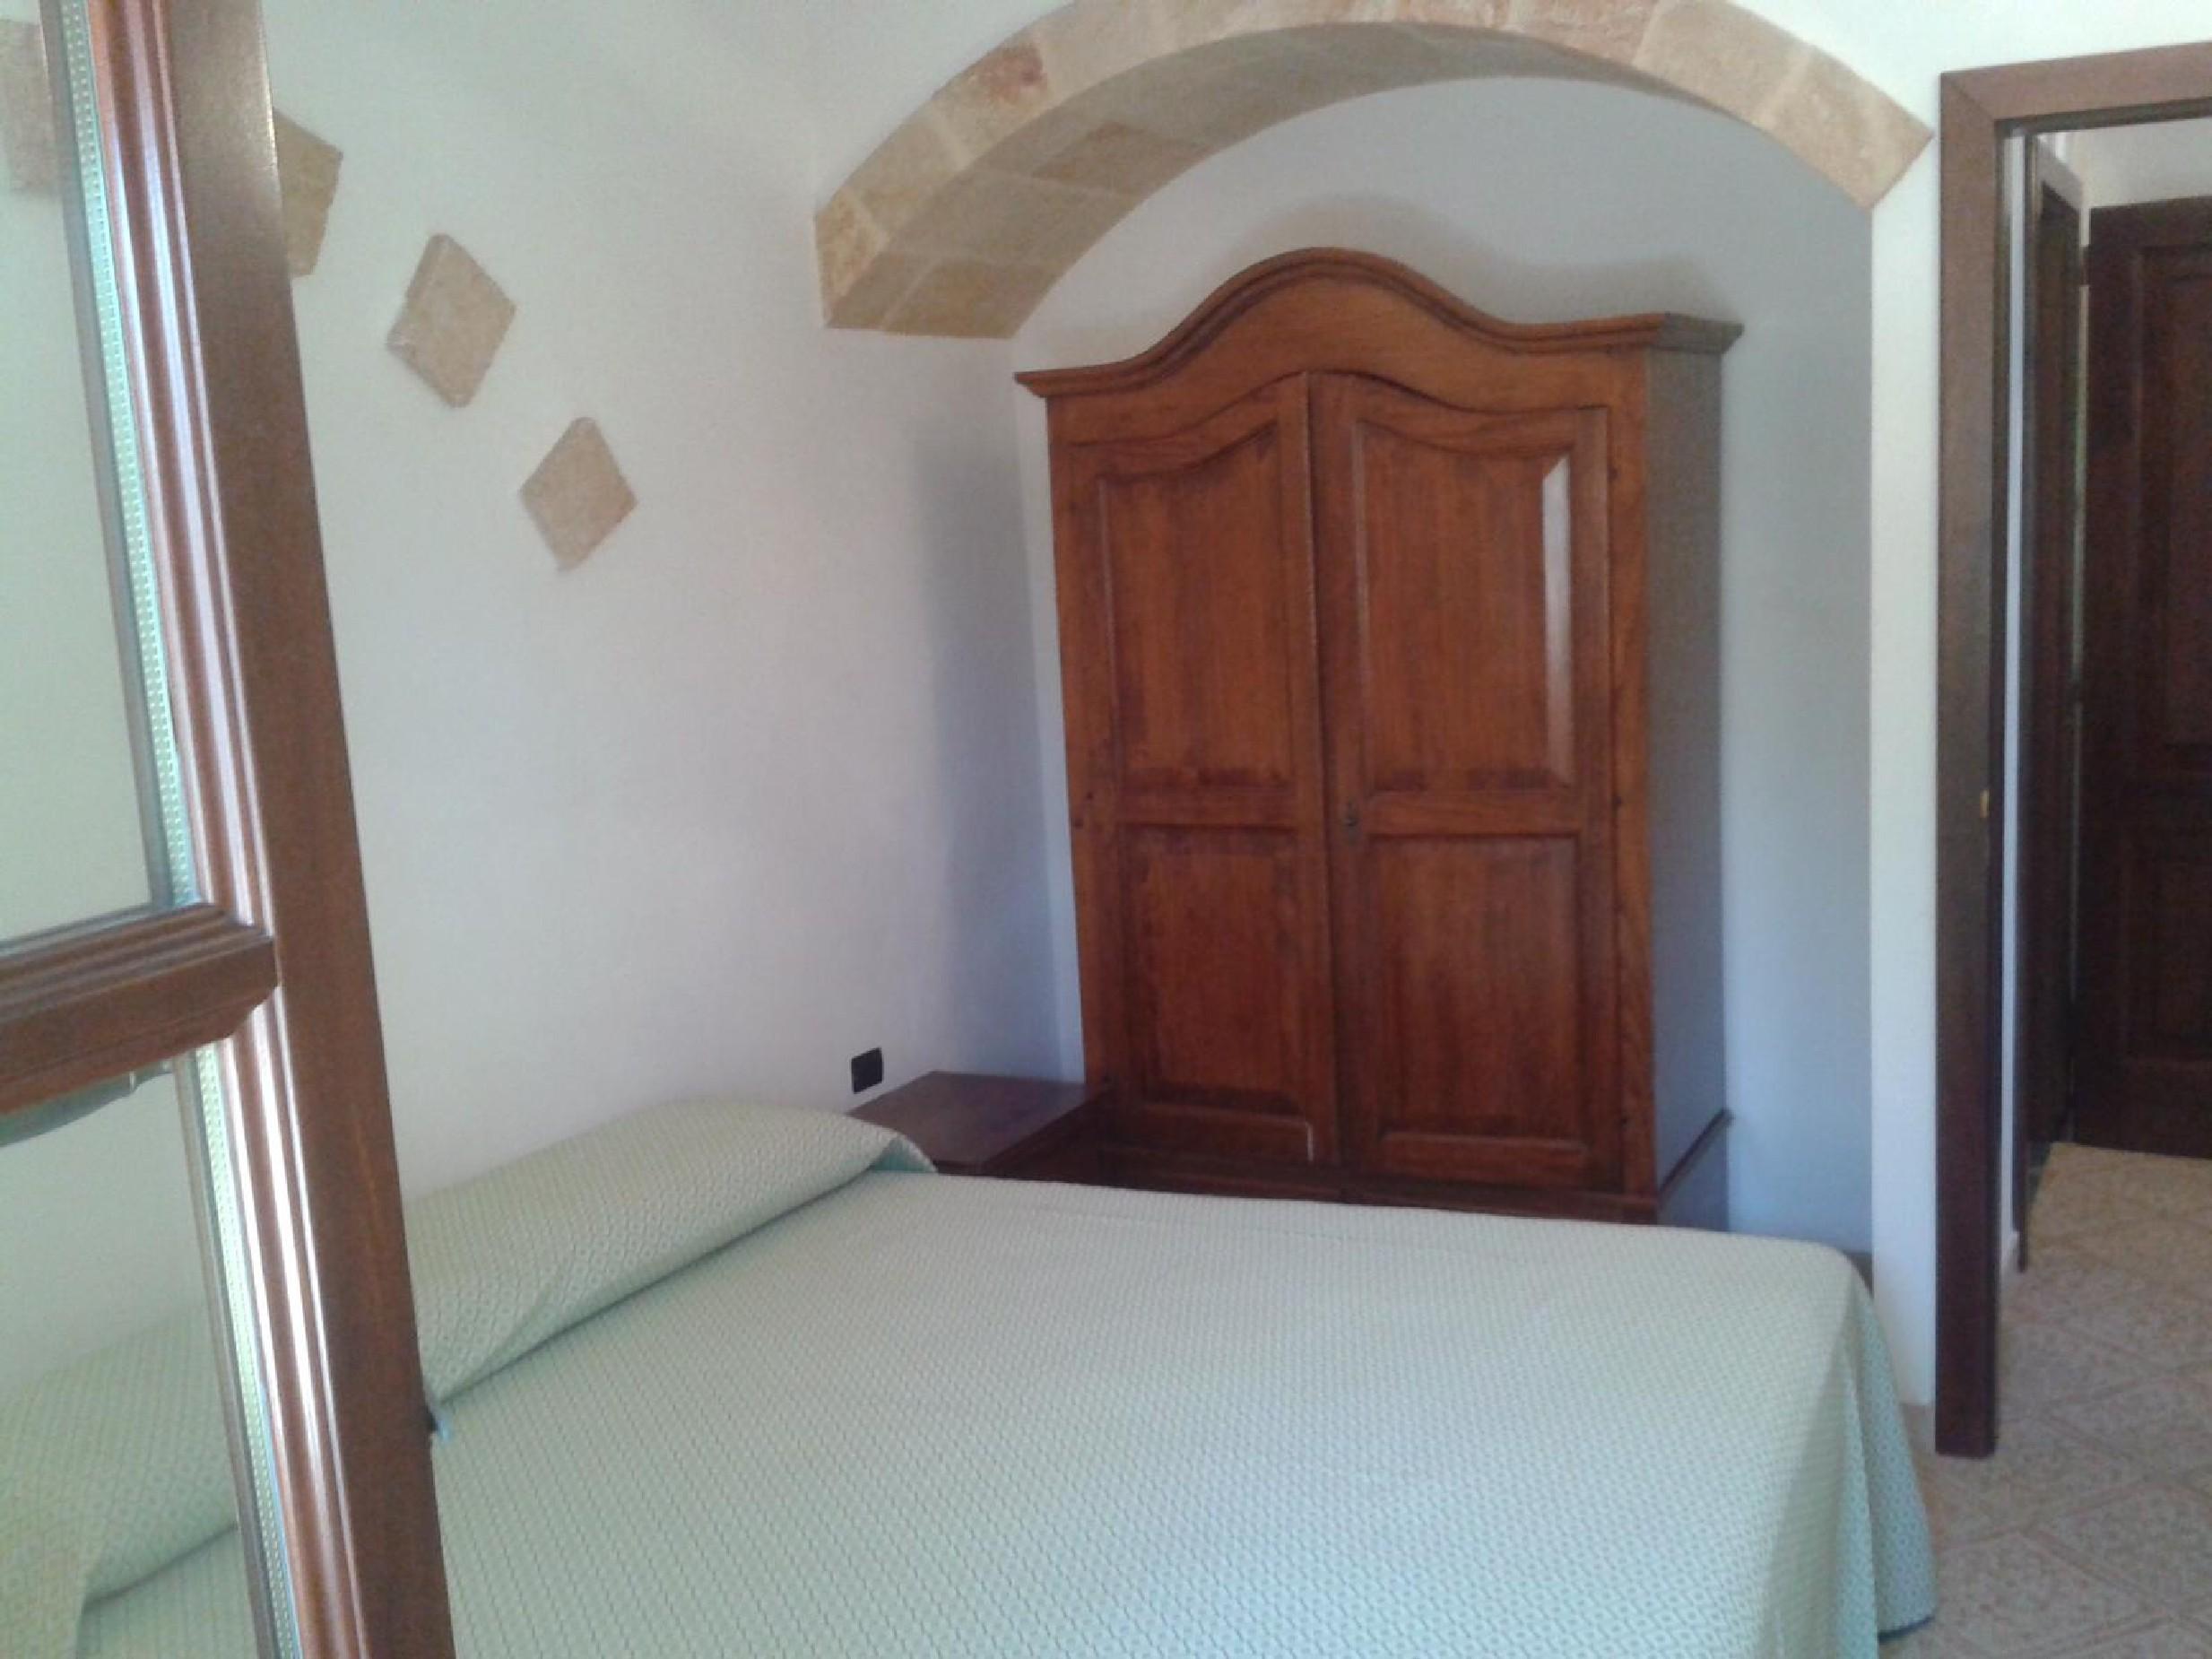 Apartment Mirto Sopra - casa in pietra sul mare photo 21137387